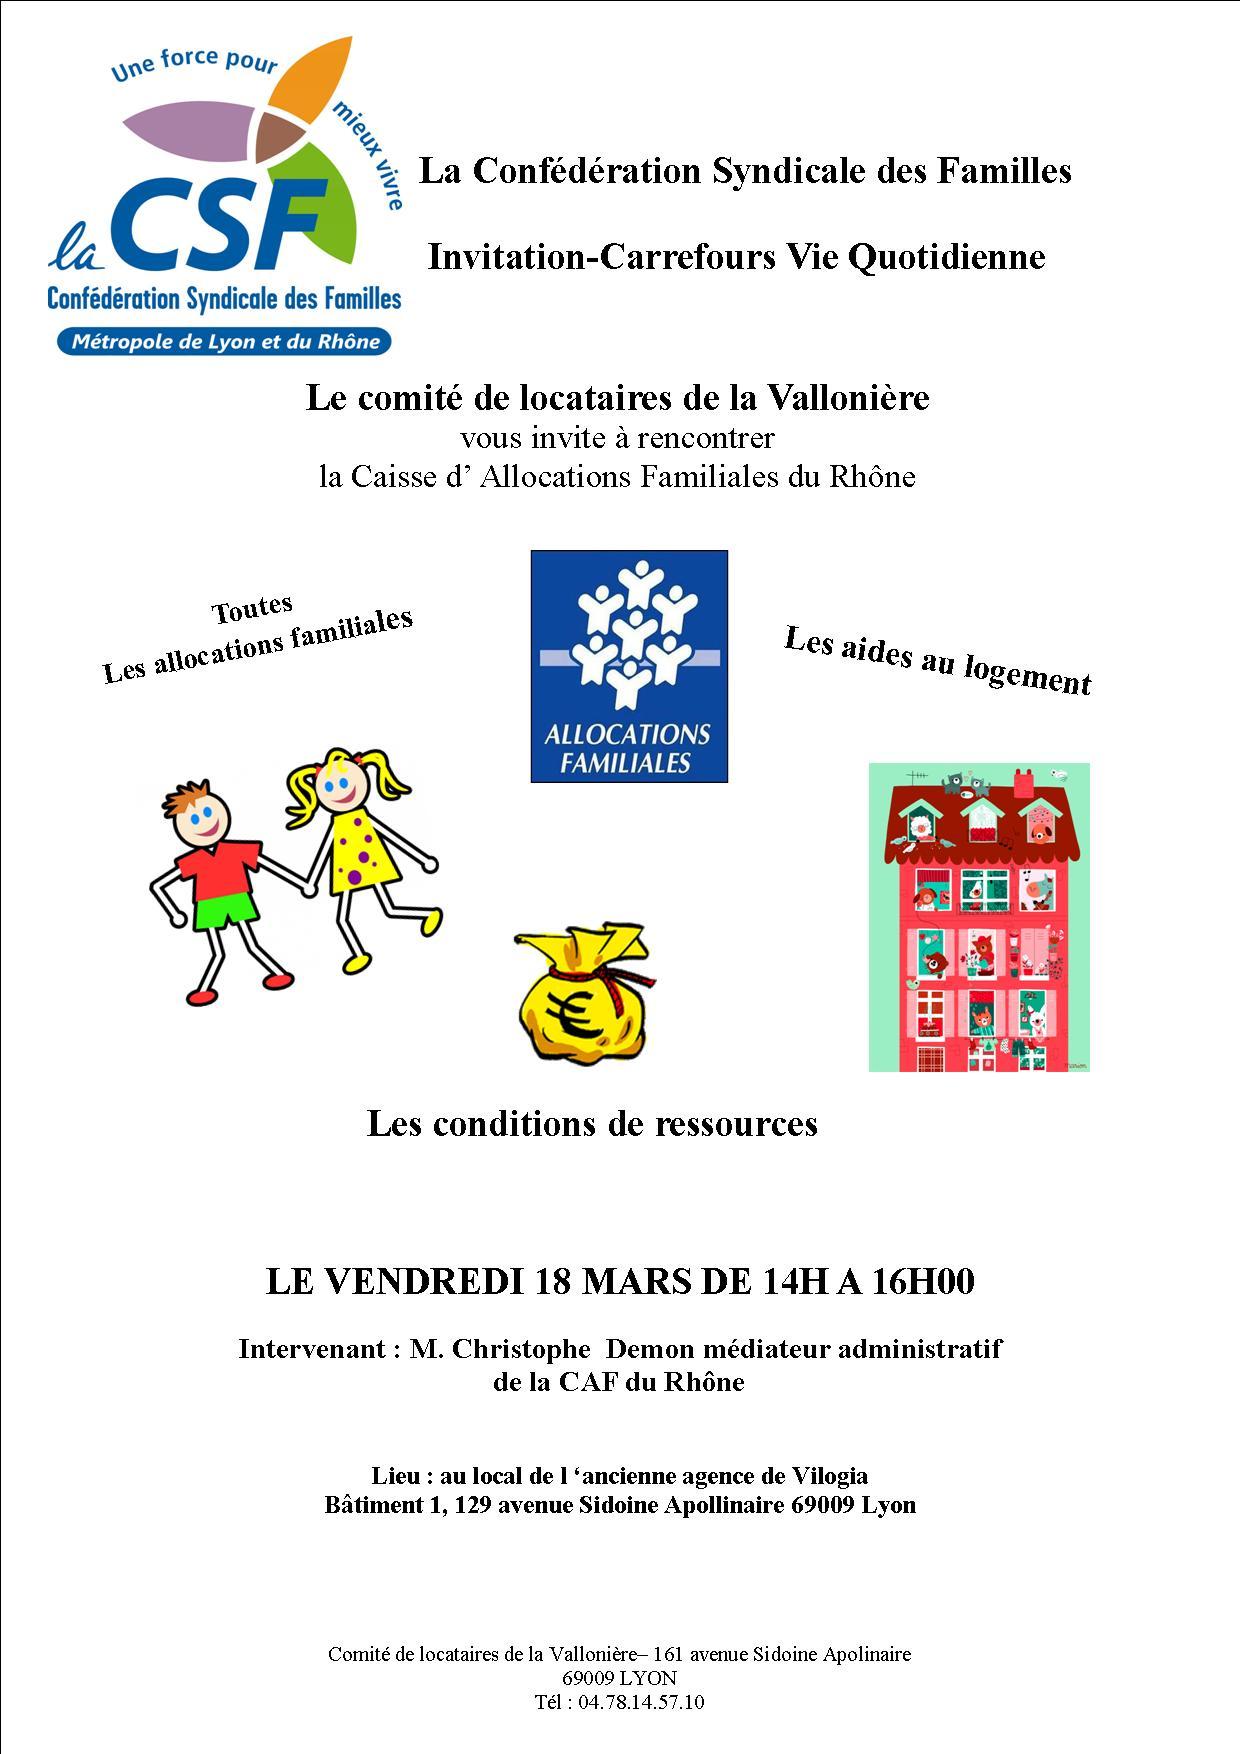 Cvq Ce Vendredi 18 Mars Sur Les Prestations Caf Http Lacsf69 Org